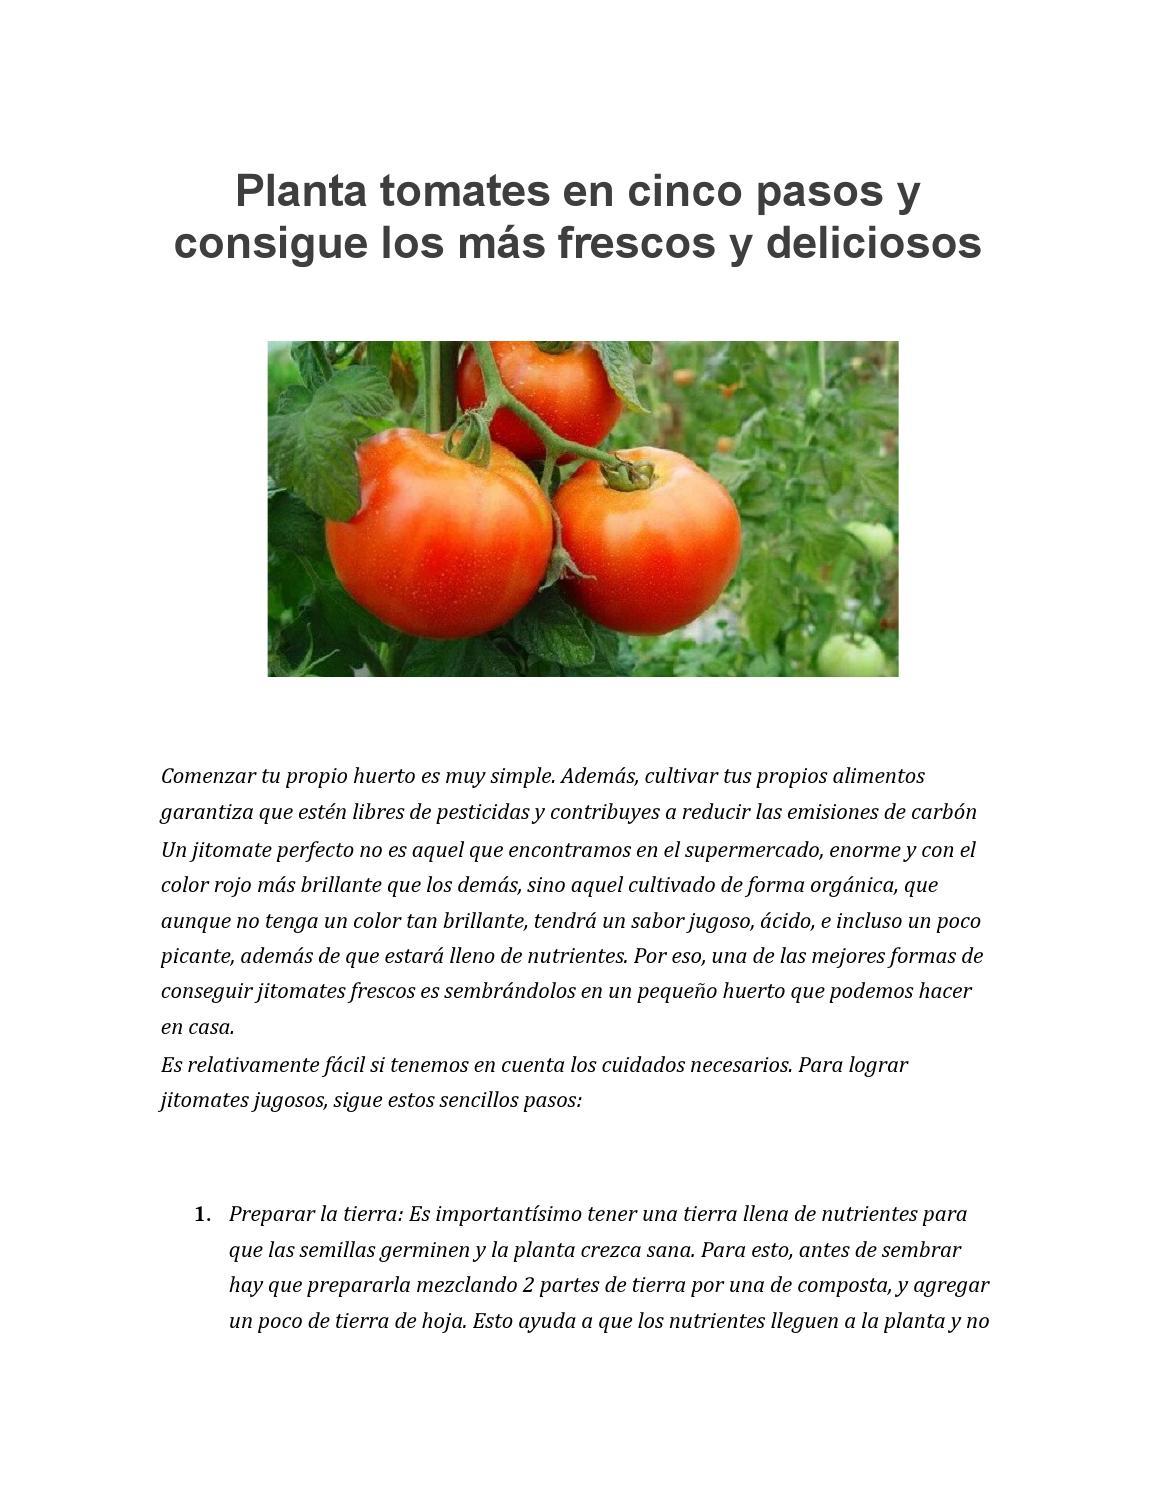 Los nutrientes del tomate